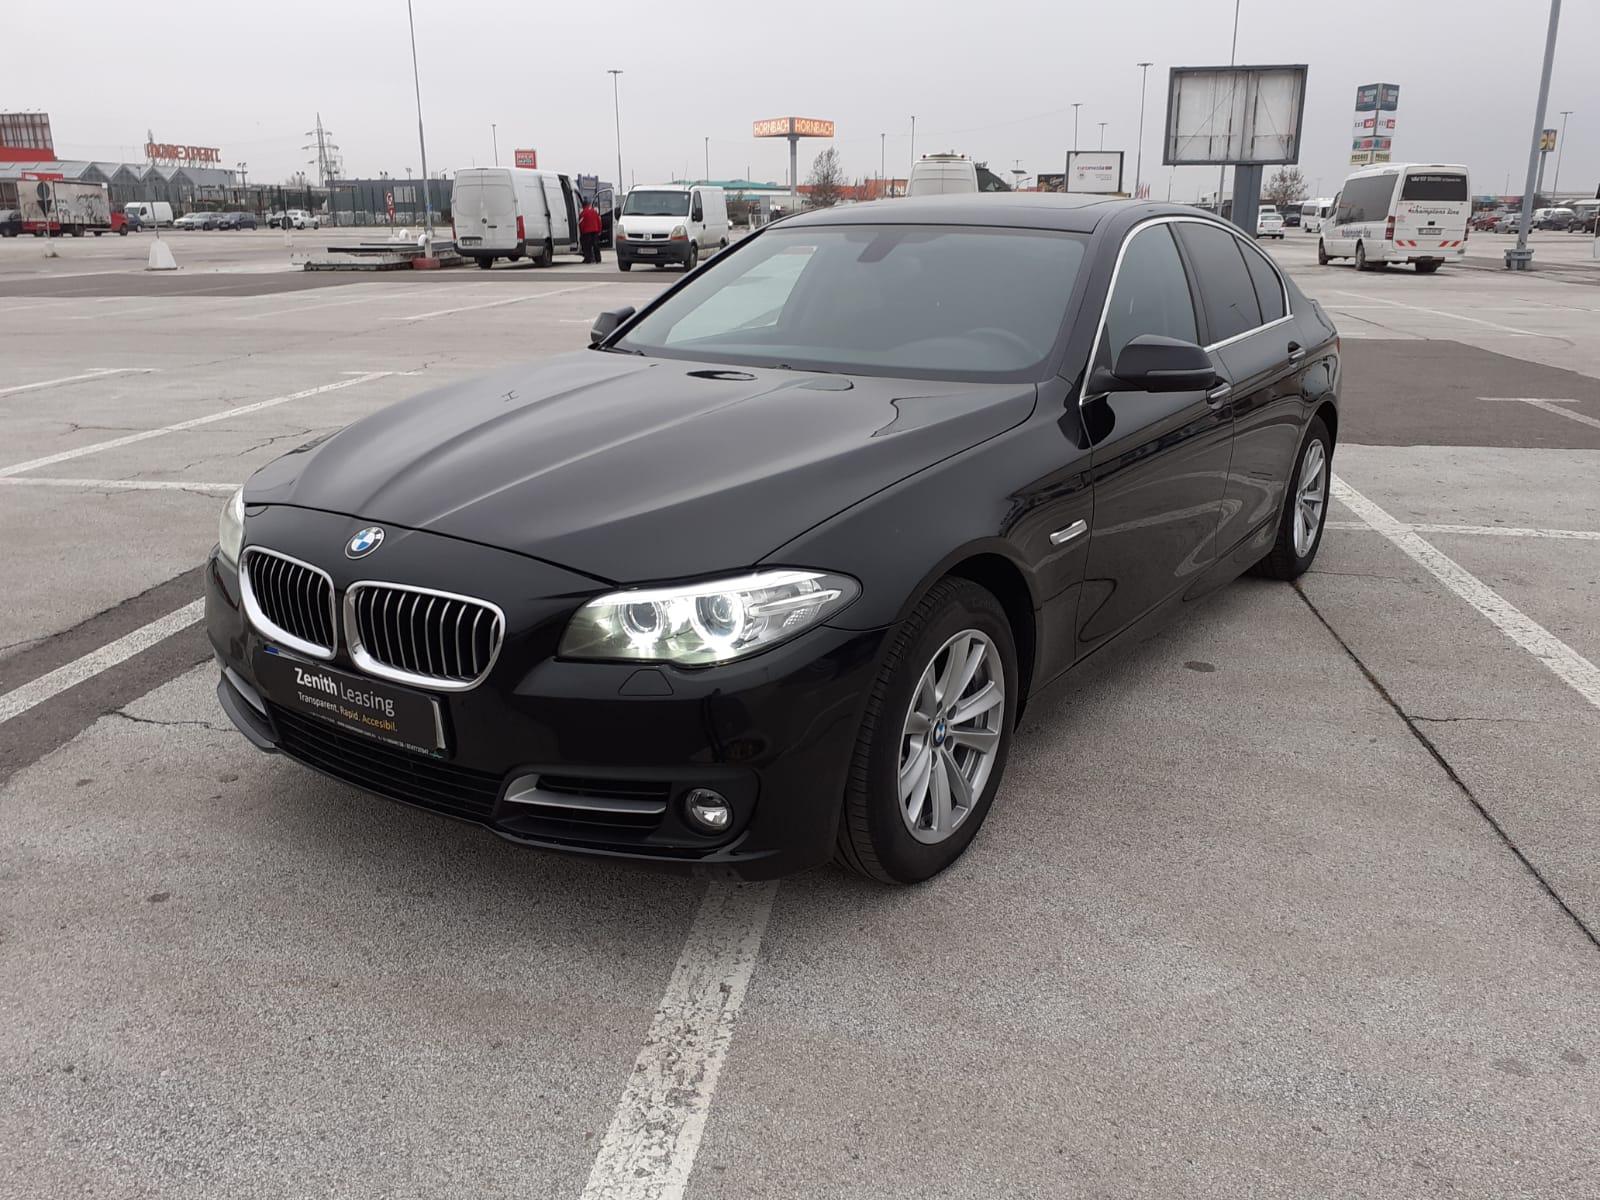 BMW 520D 2.0 Diesel 184 CP